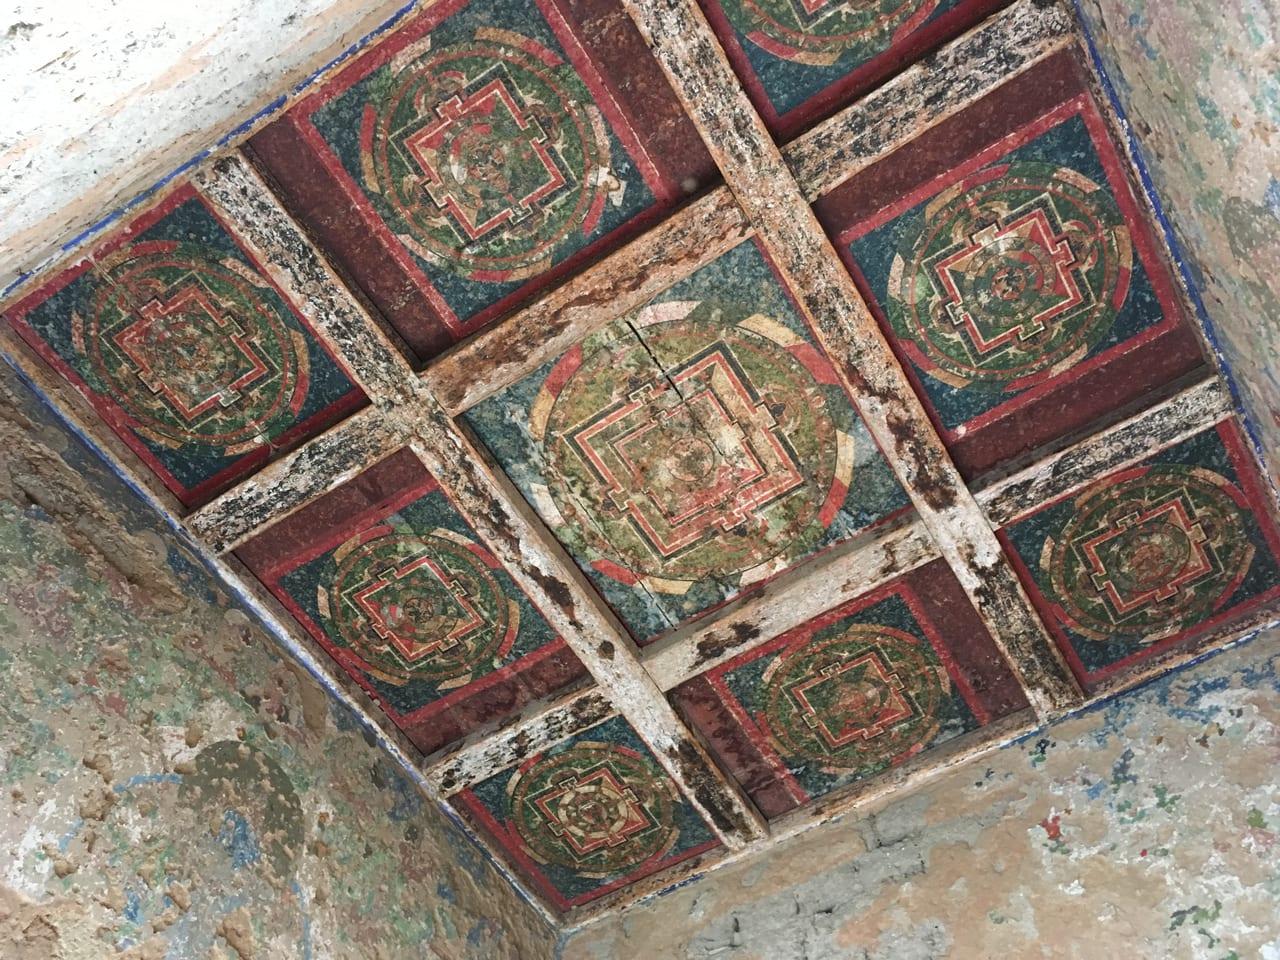 チョルテンの天上に描かれた曼荼羅